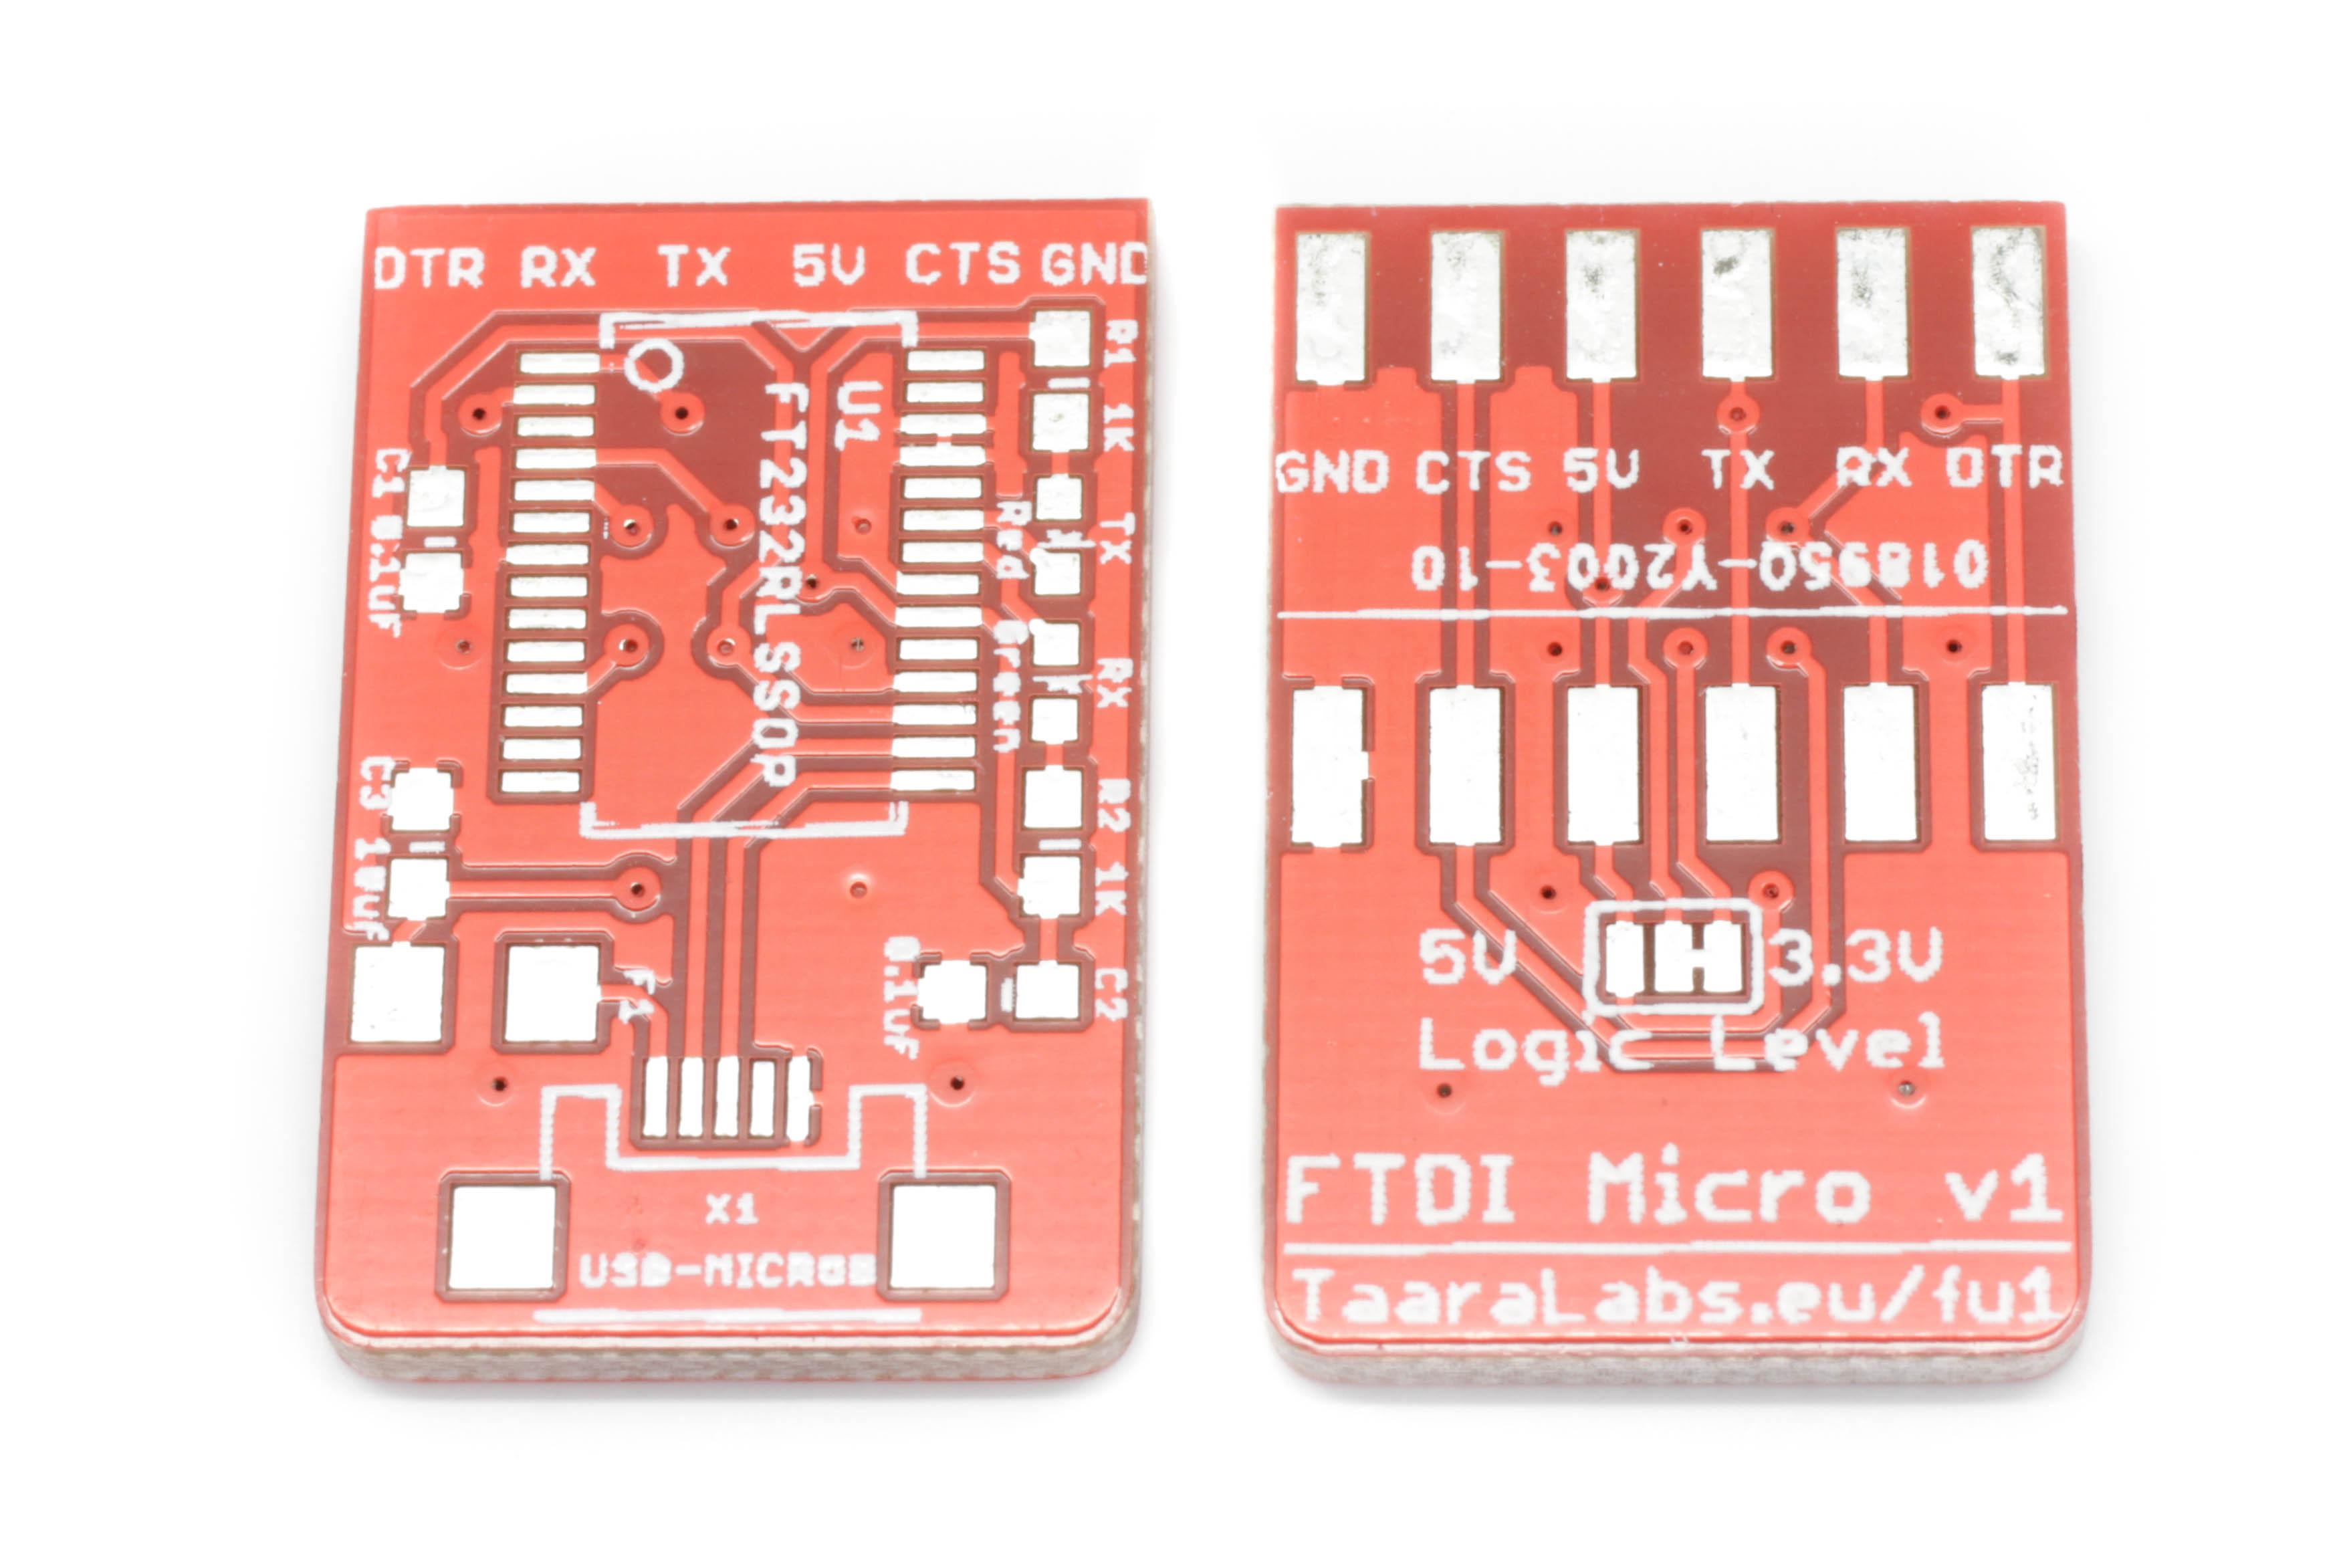 FTDI Micro PCB